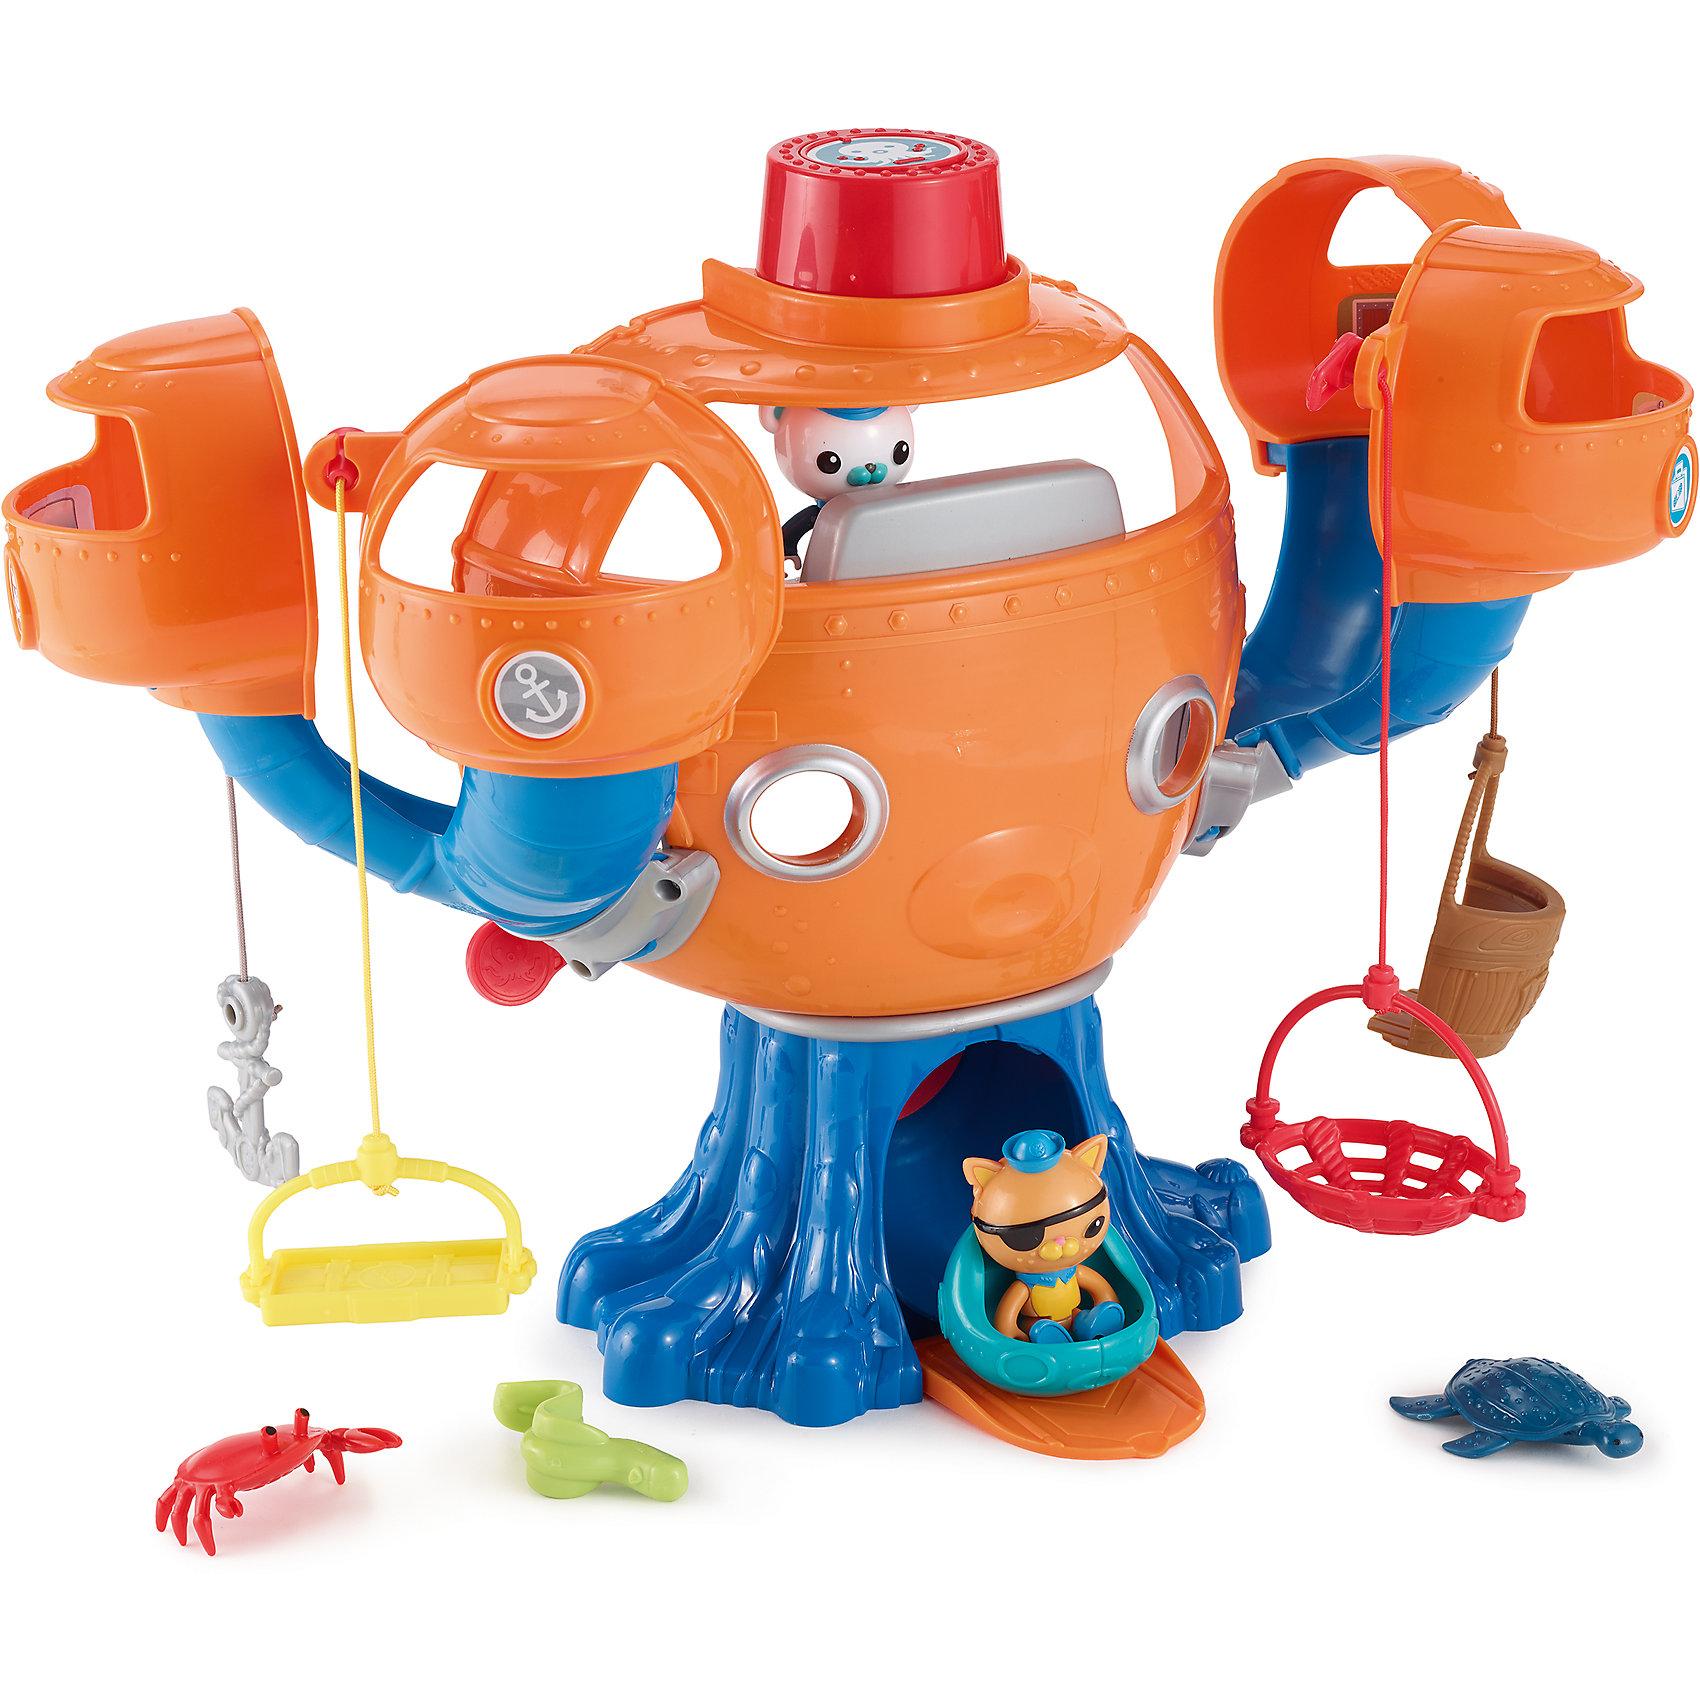 Подводная база «Октопод», ОктонавтыИгровые наборы<br>Подводная База «ОКТОПОД»<br>Игрушка Подводная База «ОКТОПОД» - отличный способ провести время с приключениями среди любимой команды октонавтов.<br>Октонавты – это команда из восьми отважных исследователей морских глубин, которые живут на подводной базе – Октопод с разнообразным флотом водных машин. Октонавты всегда торопятся на помощь, как только в морских глубинах случаются неприятности. В свободное от борьбы с опасностями время храбрая восьмерка встречается с водными обитателями и познает тайные уголки подводного мира.<br>Главные герои – медведь Капитан Барнаклс, кот Лейтенант Квази и пингвин Медик Песо <br>Капитан Барнаклс и Лейтенант Квази получают новое задание! Звучит осьминожья тревога! Октонавты, в полную готовность! Пришло время отправиться Барнаклсу и Квази на новую миссию! Спускай октонавтов по трубе из своих отсеков прямо на посадочную платформу. Помести Барнаклса или Квази в лодку, поворачивай рычаг чтобы выпустить машину из подводной базы. Спасай попавших в беду персонажей, пользуясь спасательными приспособлениями, просто поднимай и опускай их! Благодаря Подводной Базе «ОКТОПОТ» у детей появится отличная возможность каждый день участвовать в новых приключениях и миссиях.<br>Яркая интерактивная игрушка с голосовыми и звуковыми сигналами понравитс всем поклонникам Октонавтов. Она привлекает своей подвижностью, многие отсеки вынимаются и закрываются и легко вставляются обратно, интересная система спуска превратит игру в еще больший праздник. Яркие наклейки систем базы Октопод совпадают с системой в мольсериале.<br>Дополнительная информация:<br>- В комплекте базы «Октопод»: 10 элементов, включающих Барнаклса, Квази, маленькую подводную лодку, 3х персонажей, 4 спасательных приспособления и съемную окто-сигнализацию с голосовыми и звуковыми сигналами.<br>- Материал: пластик<br>- Высота: 33 см<br>- ширина 51 см<br>- глубина 14,5 см<br>- необходимы три батарейки типа LR44 (входят в комплект)<br><br>Подробнее